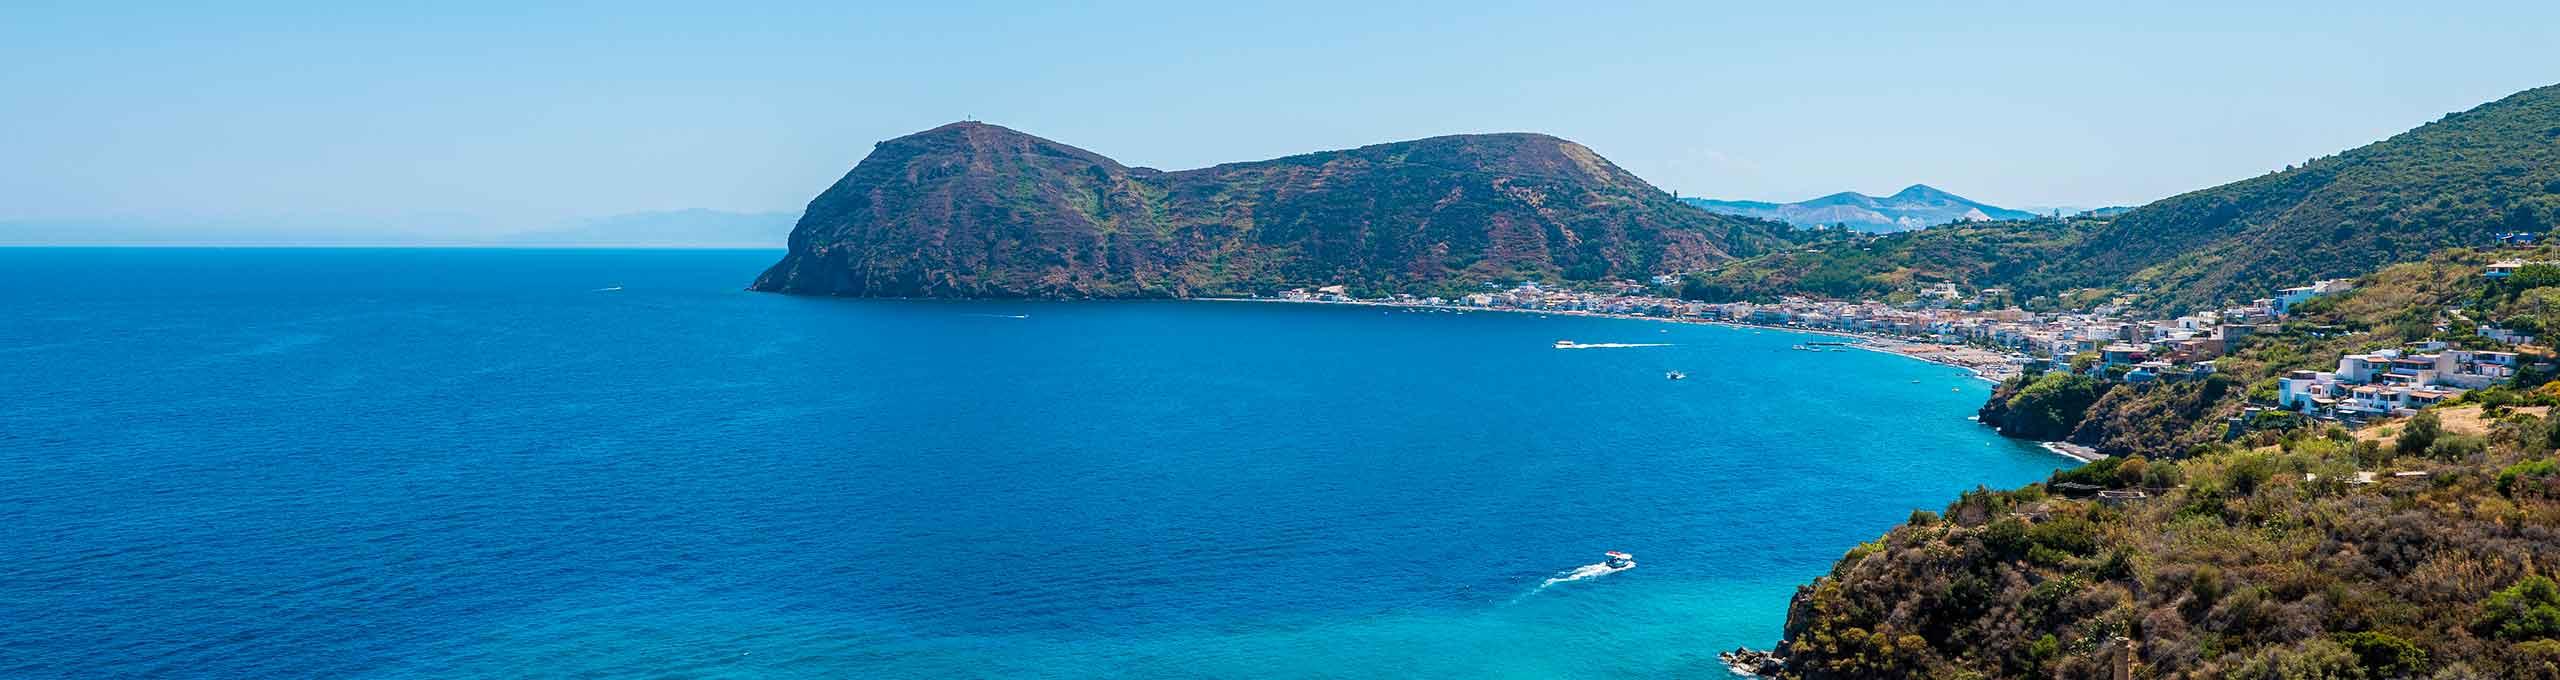 Canneto Lipari, Isole Eolie